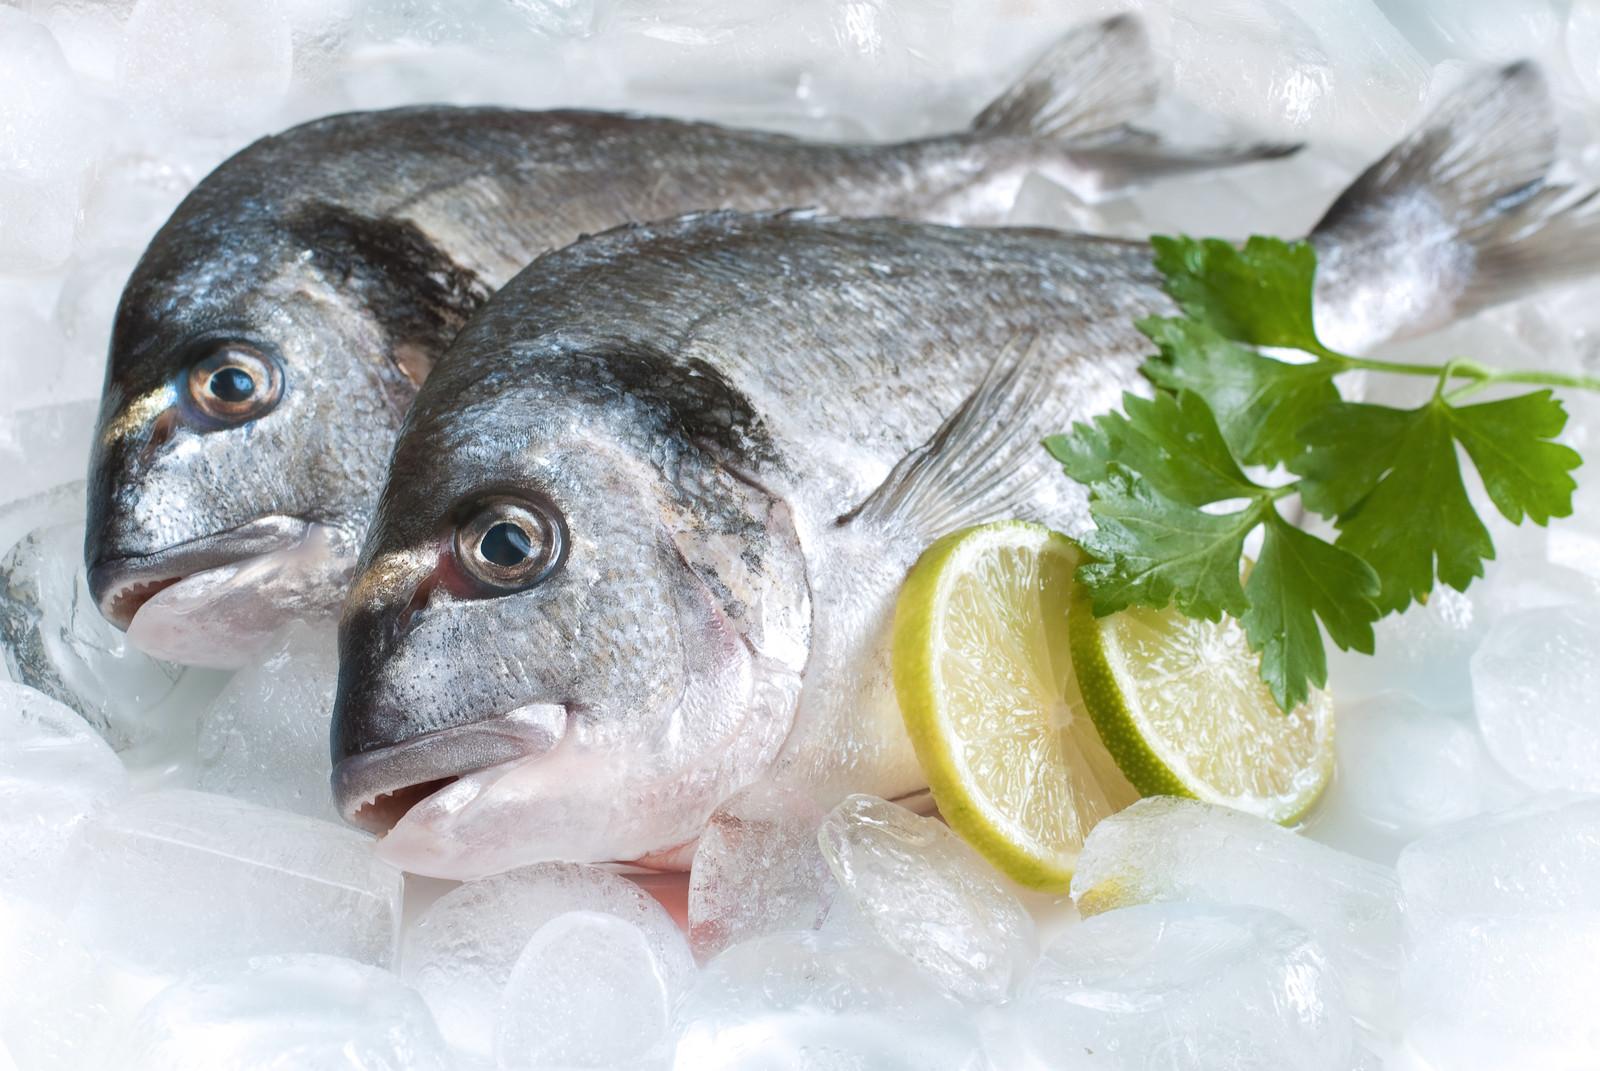 ماهی سالم و تازه را با این ترفندها تشخیص دهید و بخرید